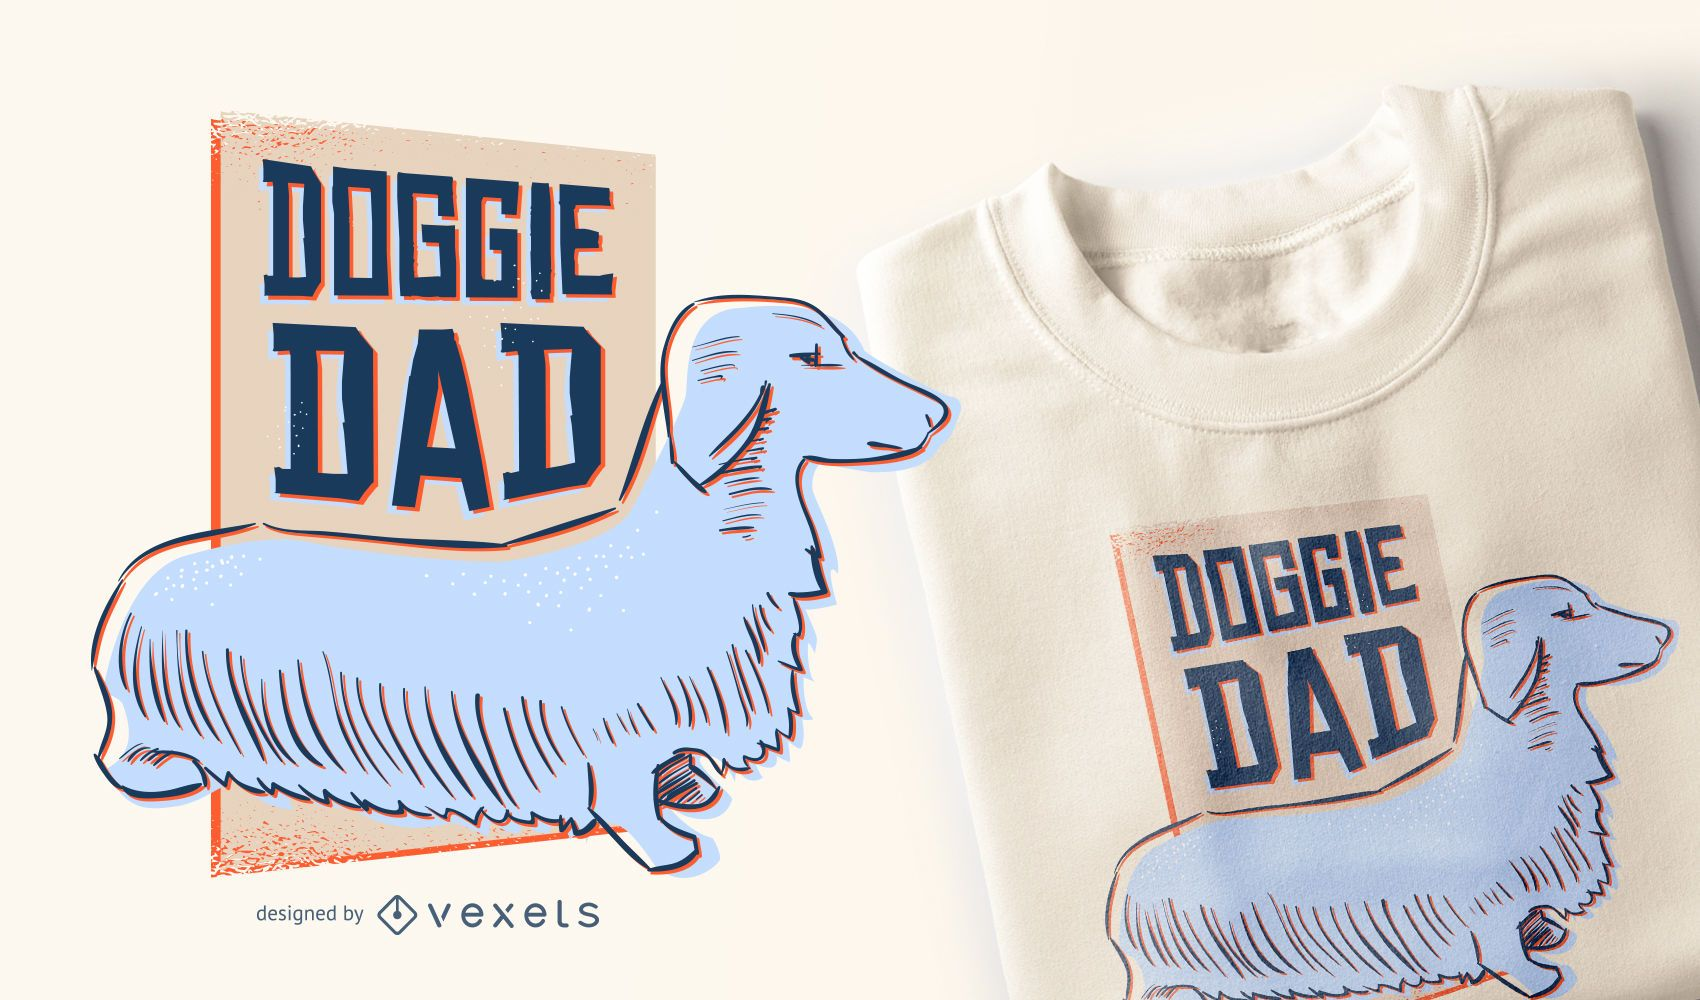 Dise?o de camiseta de pap? perrito